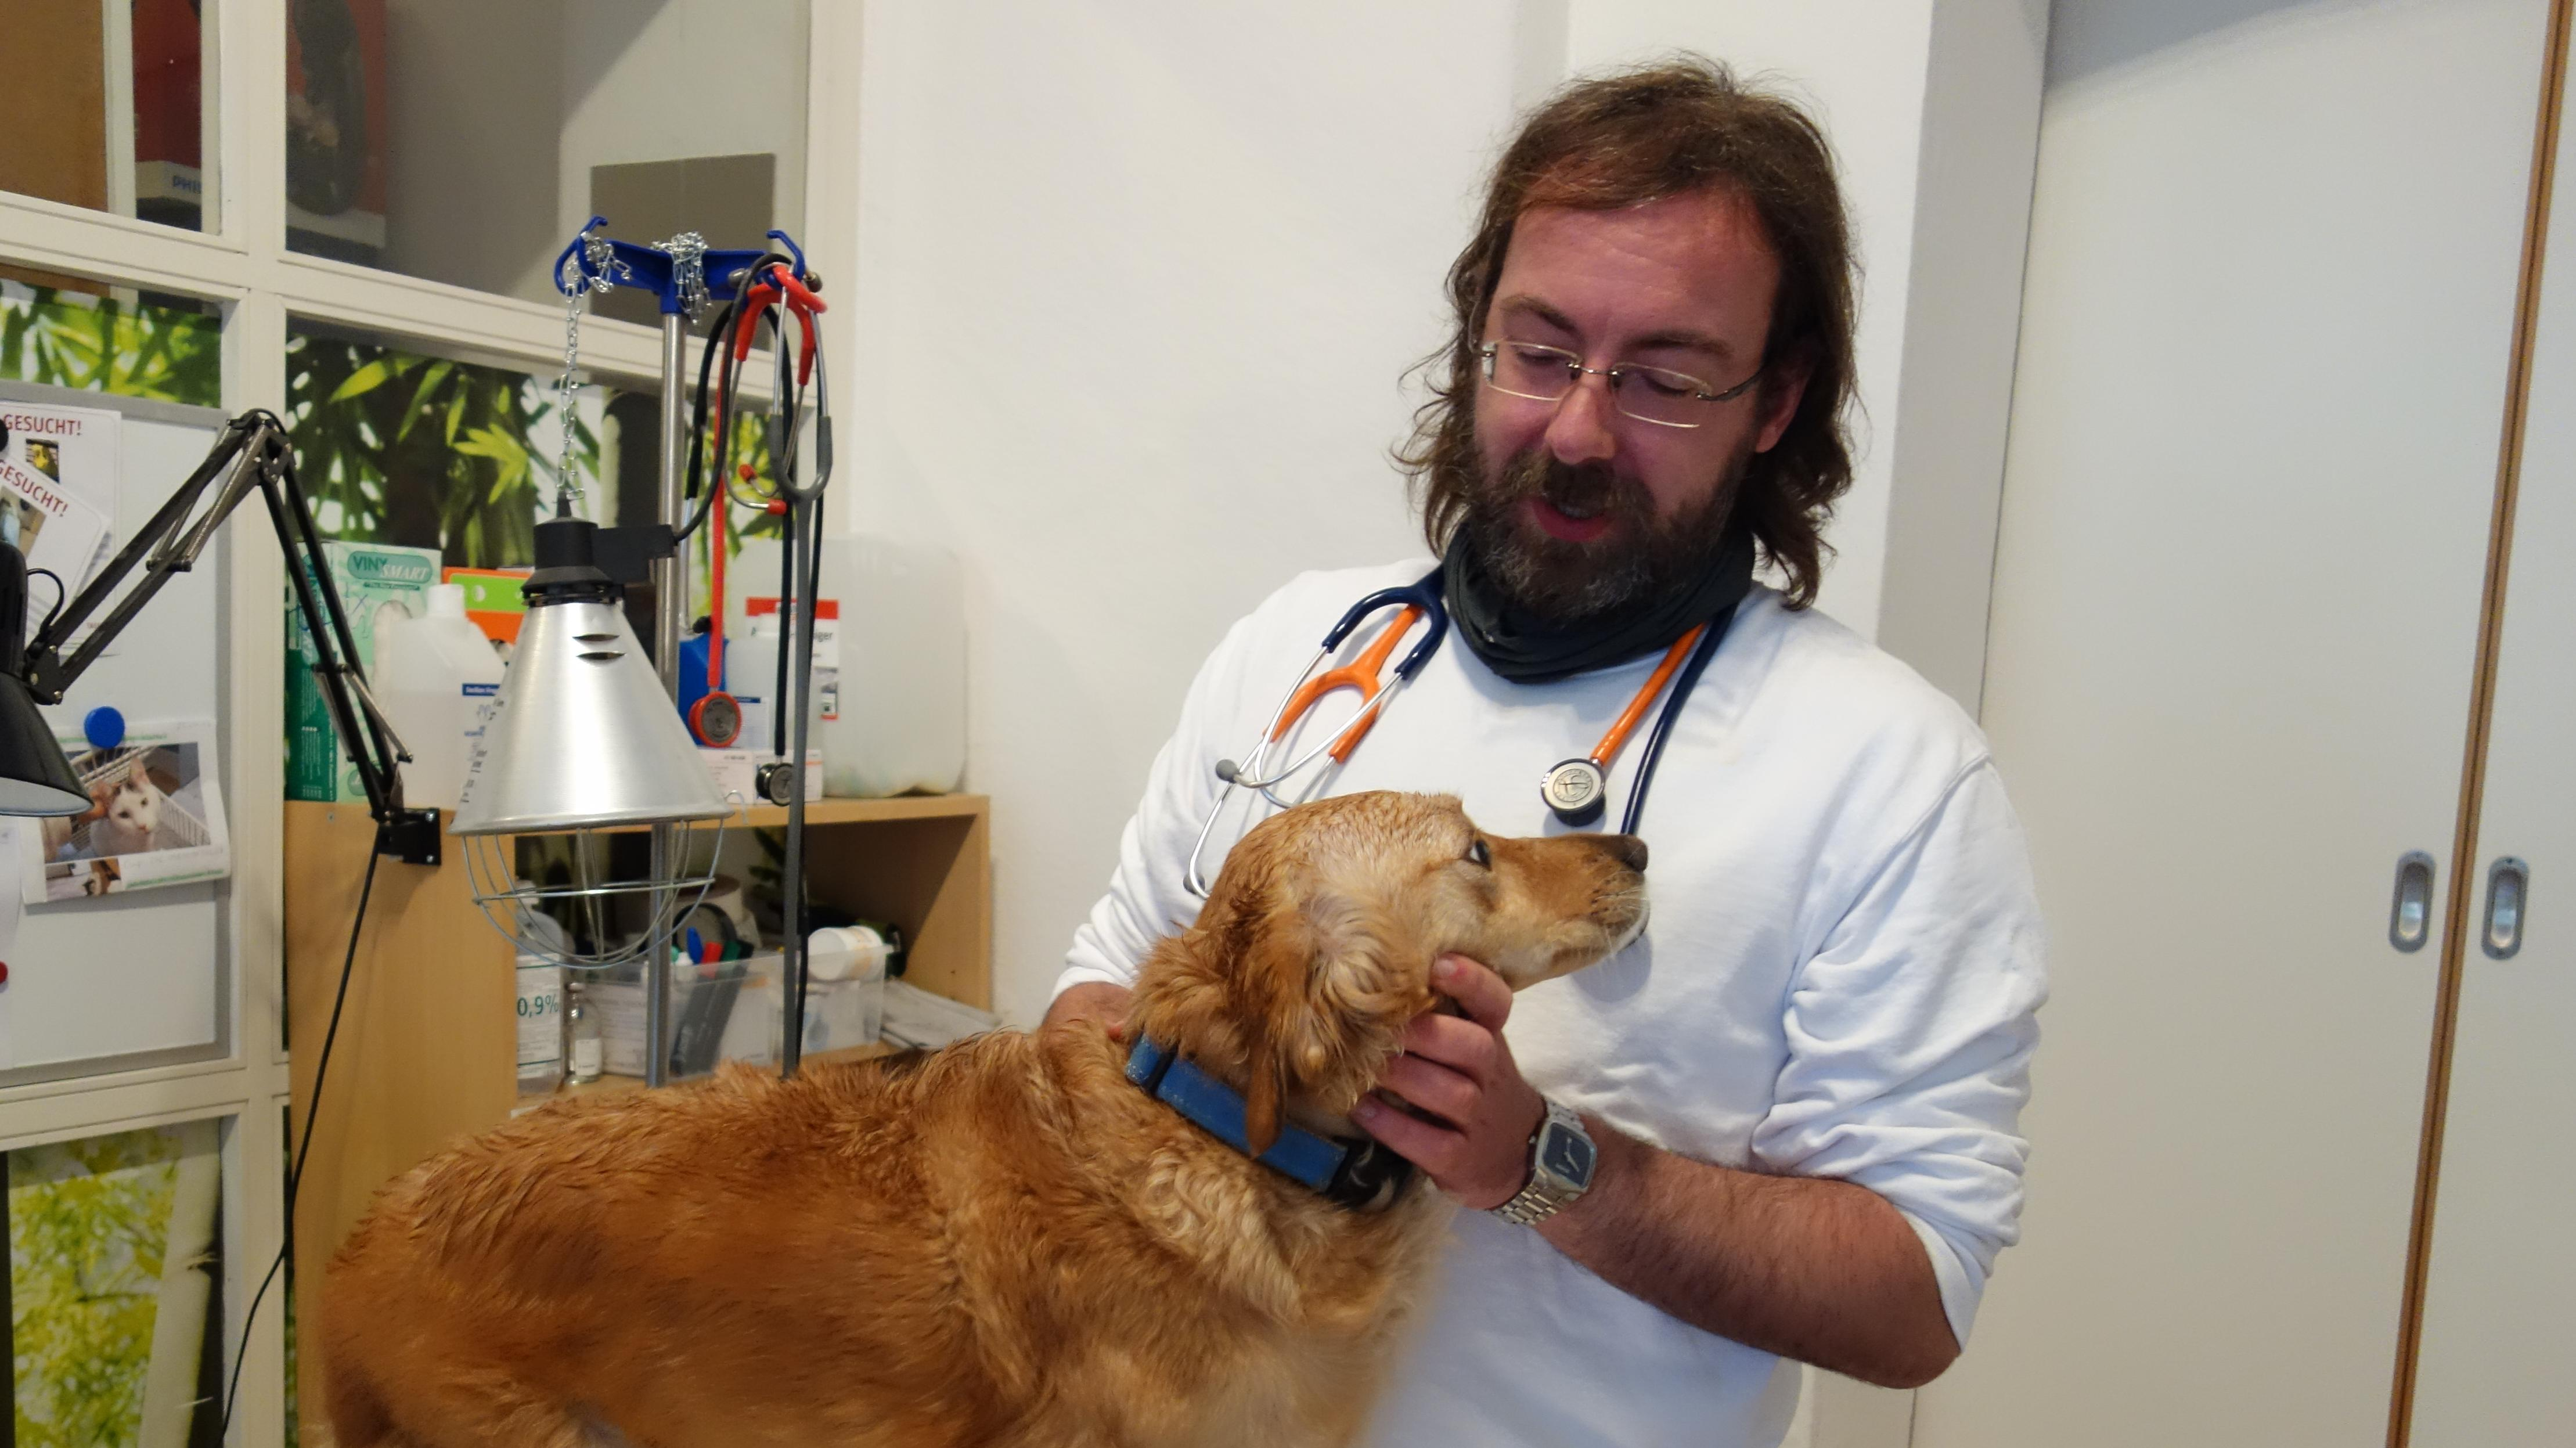 Tierarzt Mathias Beyer untersucht Hündin Daphne. Er arbeitet seit 2014 bei der Tierrettung in München und hat selber zwei Hunde.